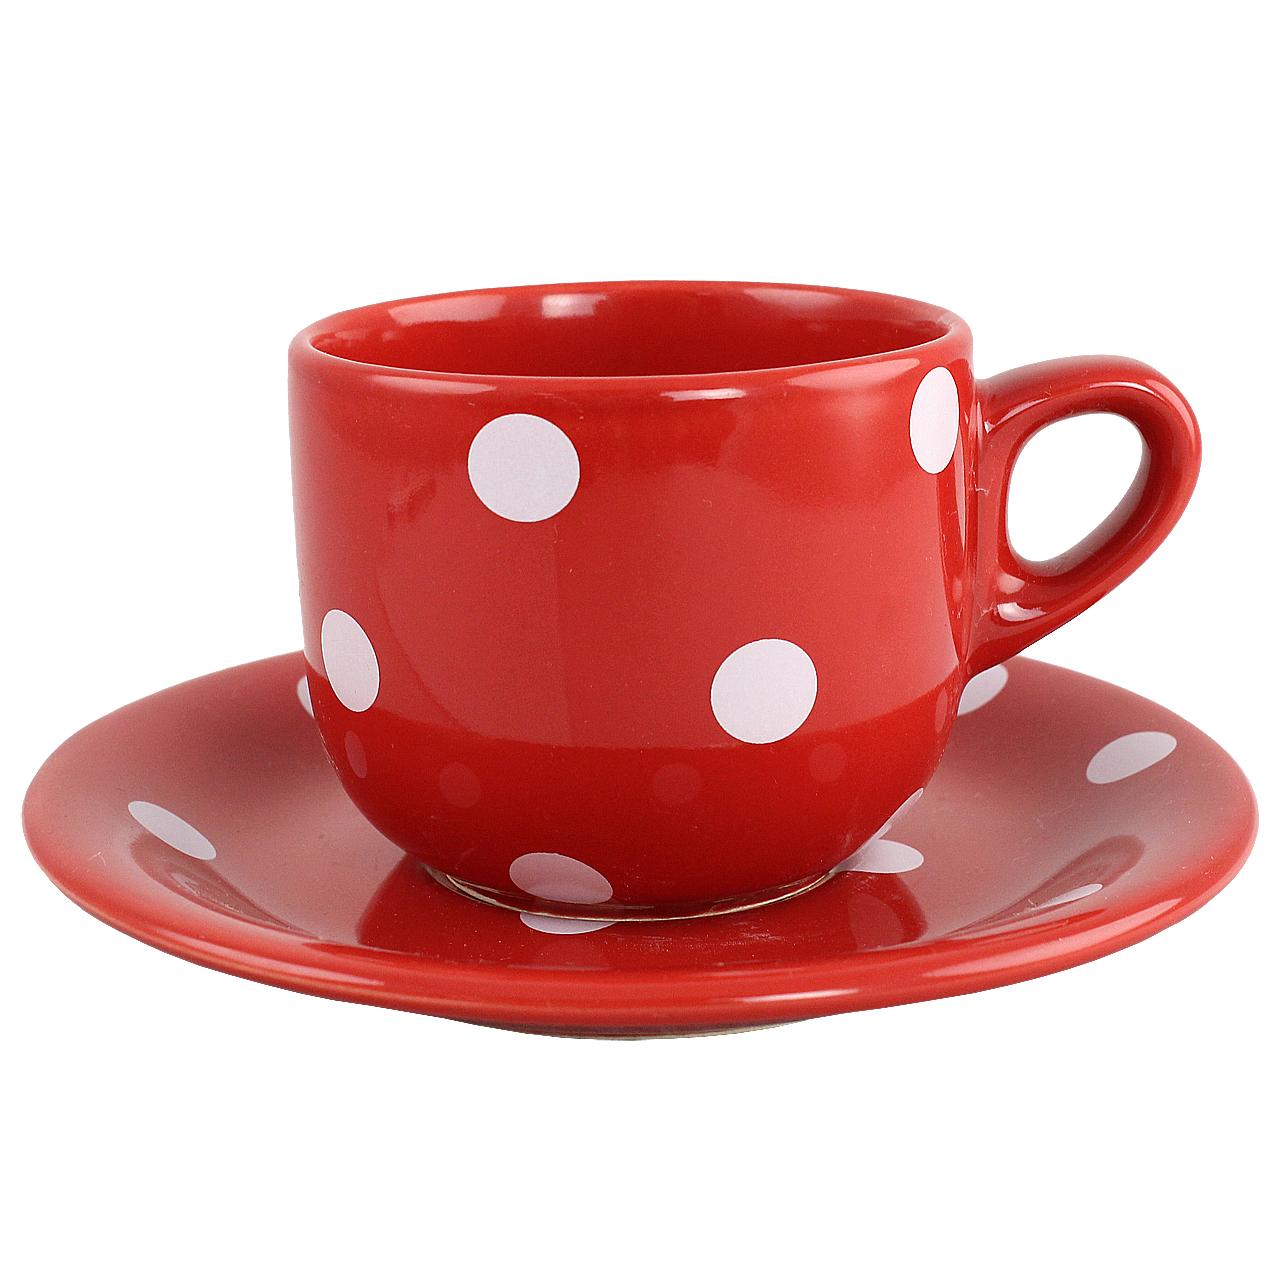 Ceasca Cu Farfurie Din Ceramica Rosie Cu Buline Al